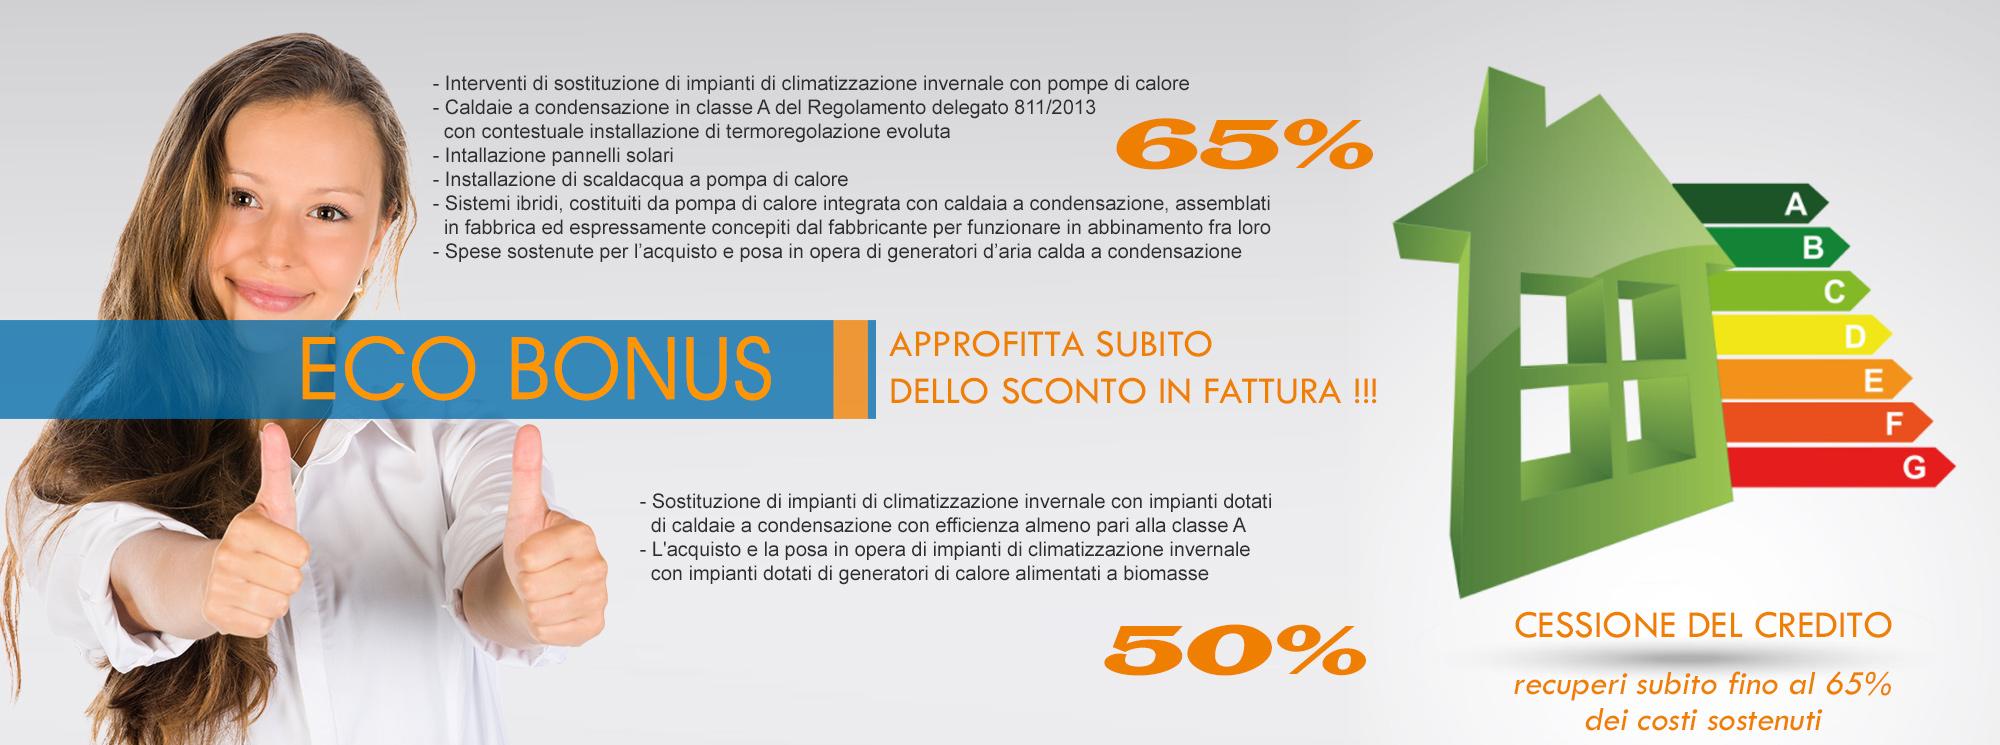 ECO-BONUS-cessione-credito